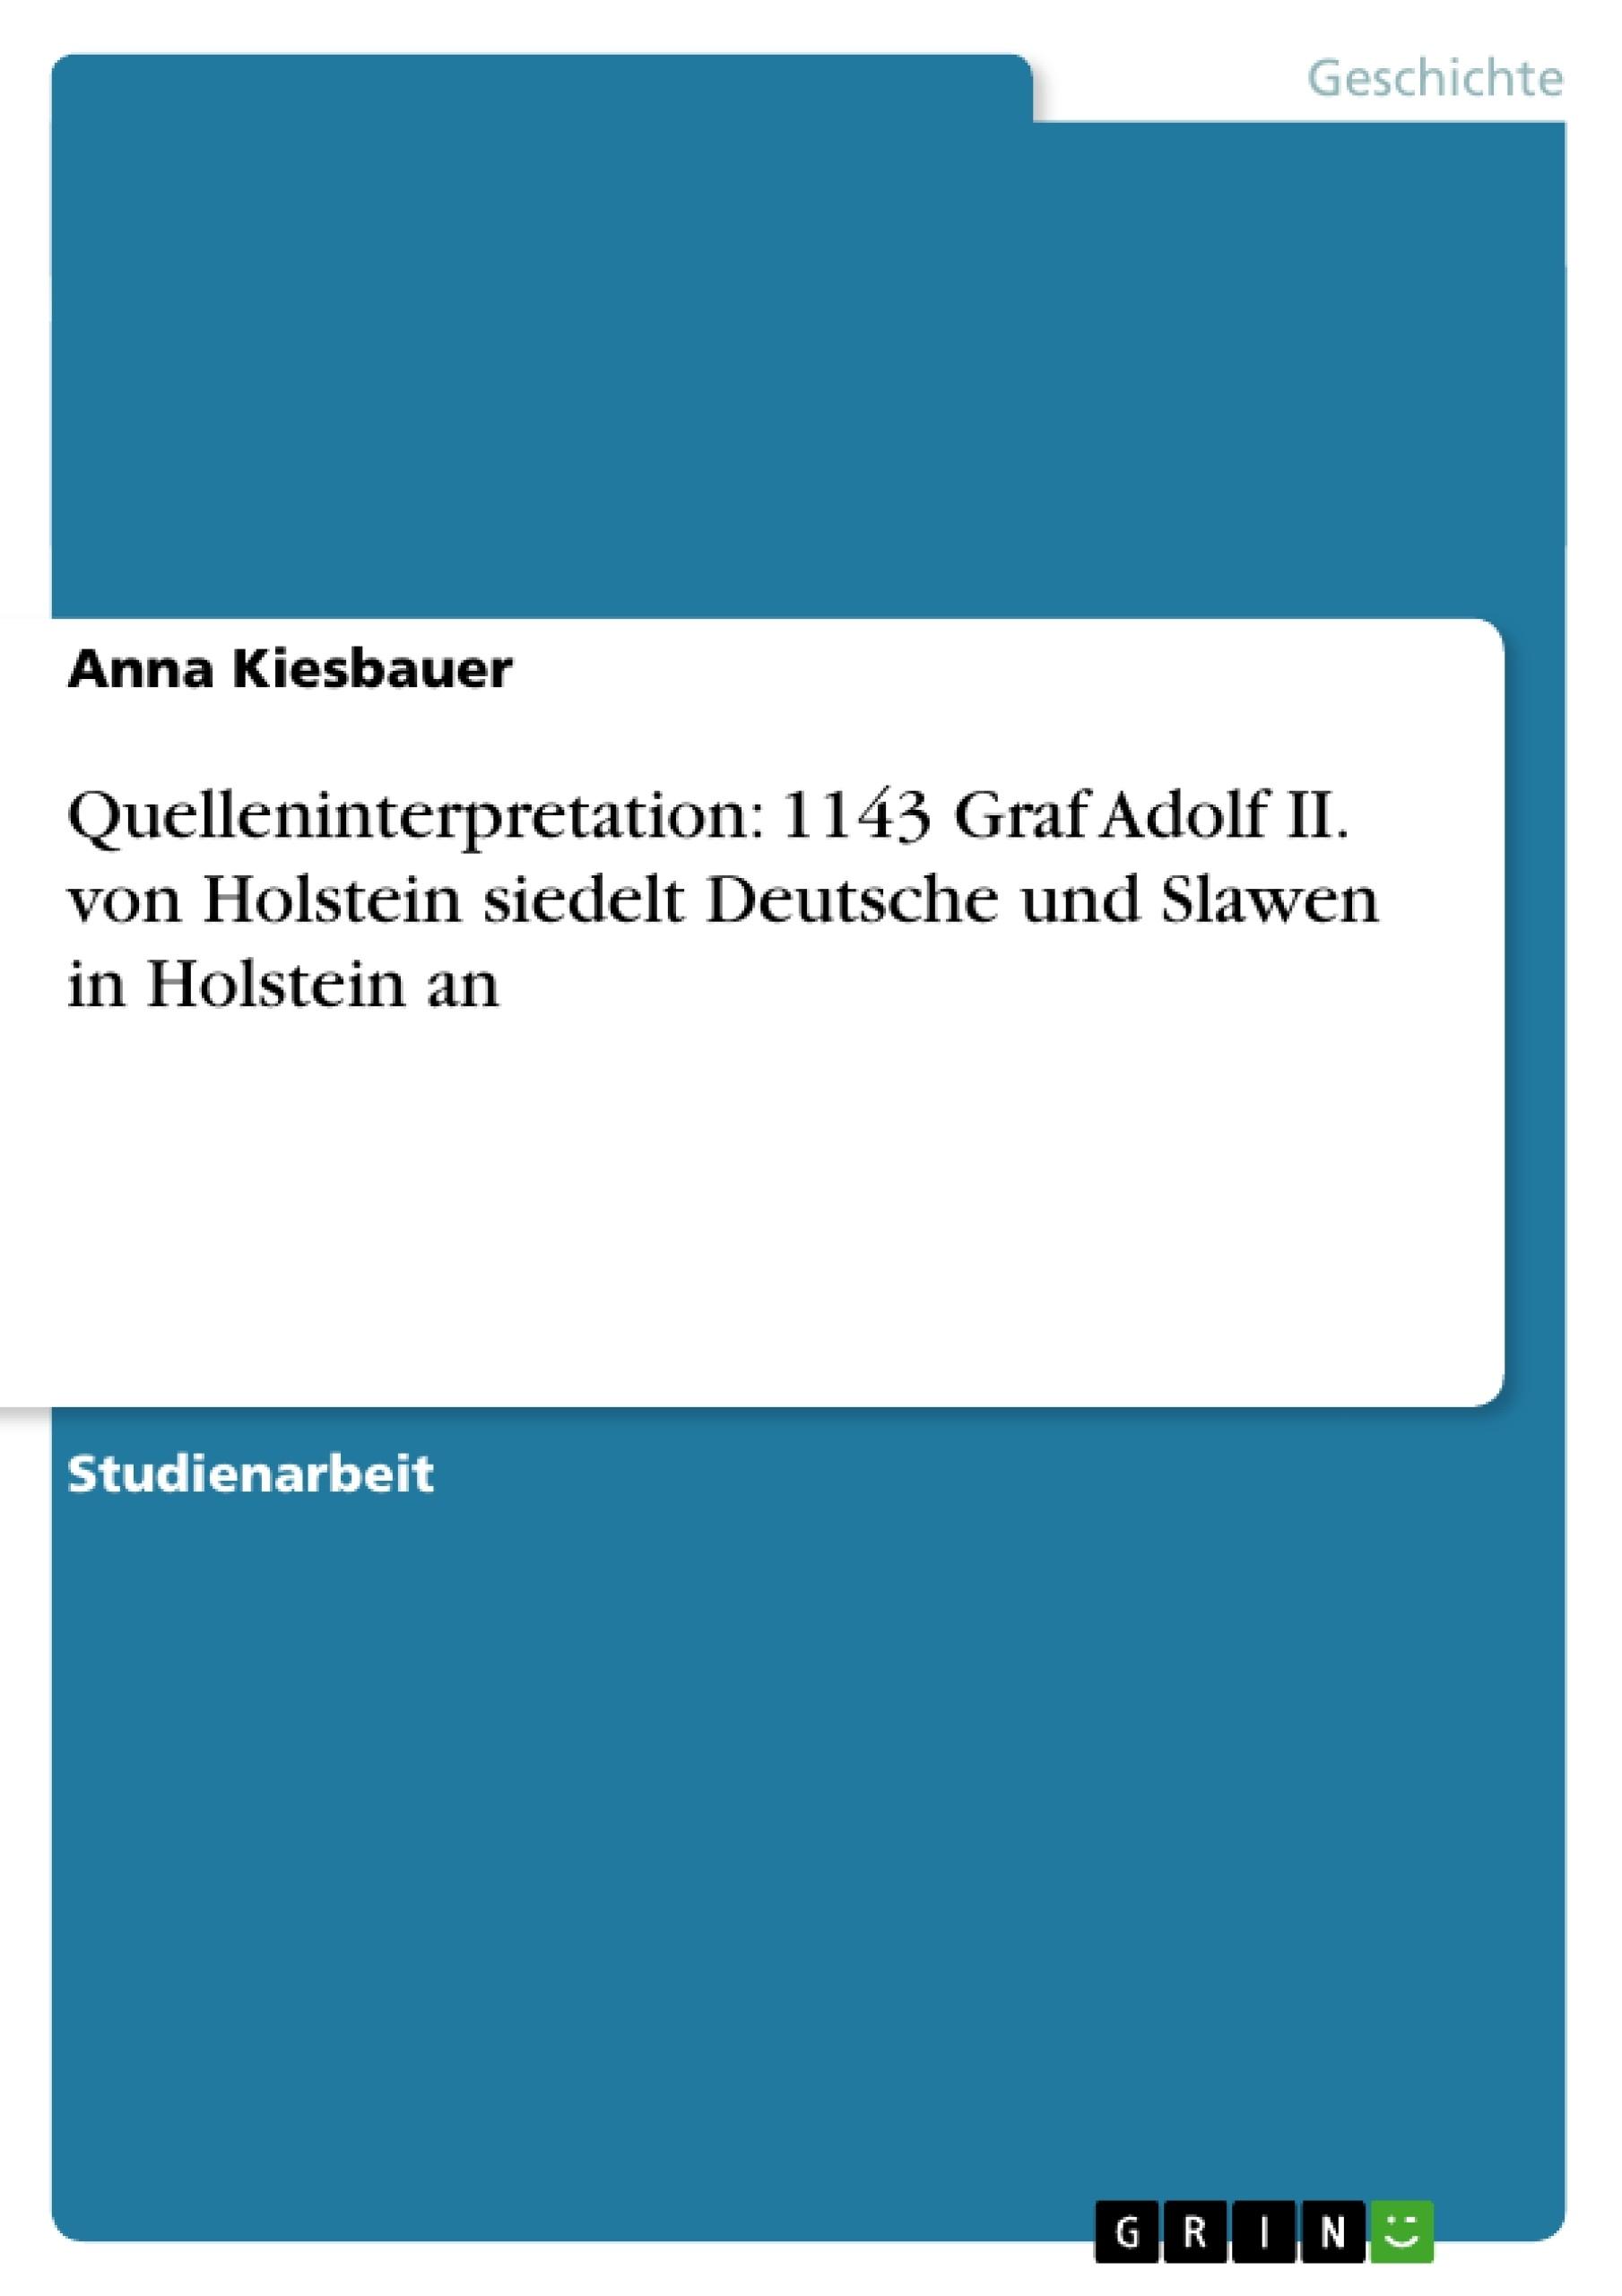 Titel: Quelleninterpretation: 1143 Graf Adolf II. von Holstein siedelt Deutsche und Slawen in Holstein an